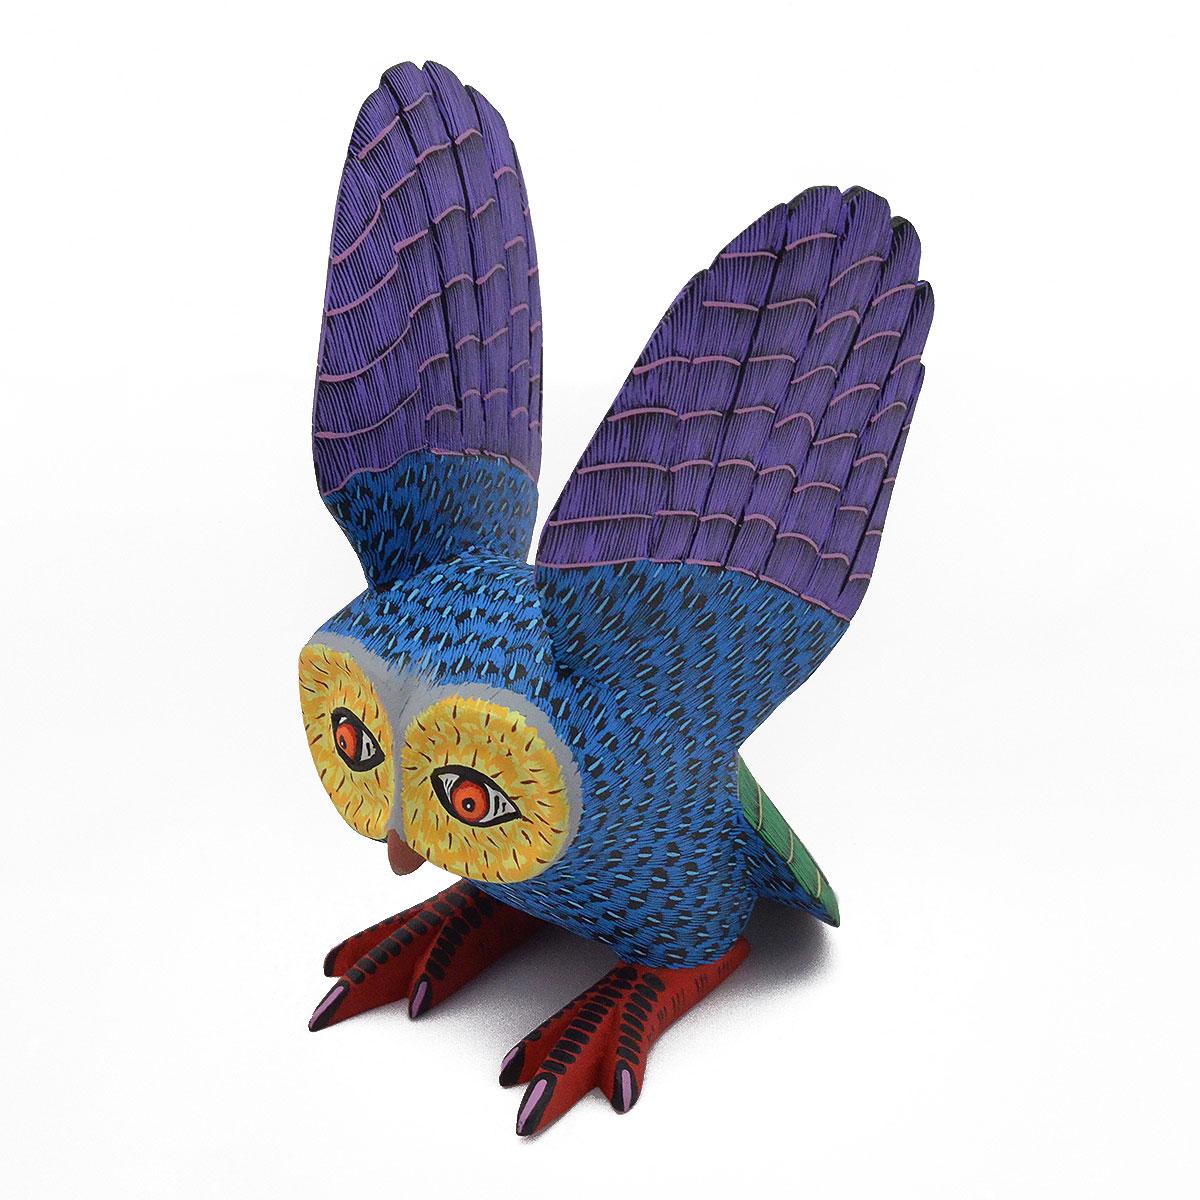 Eleazar Morales Eleazar Morales: Small Blue Owl Birds